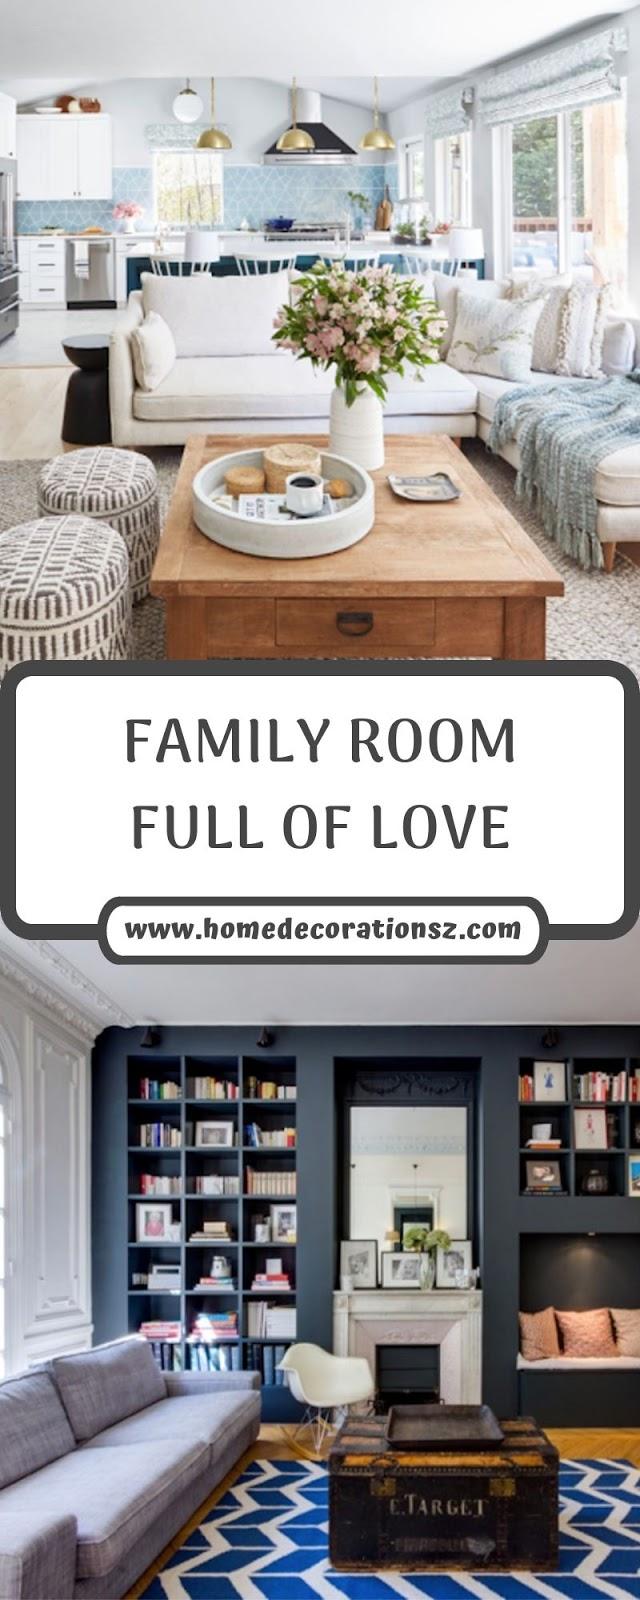 FAMILY ROOM FULL OF LOVE